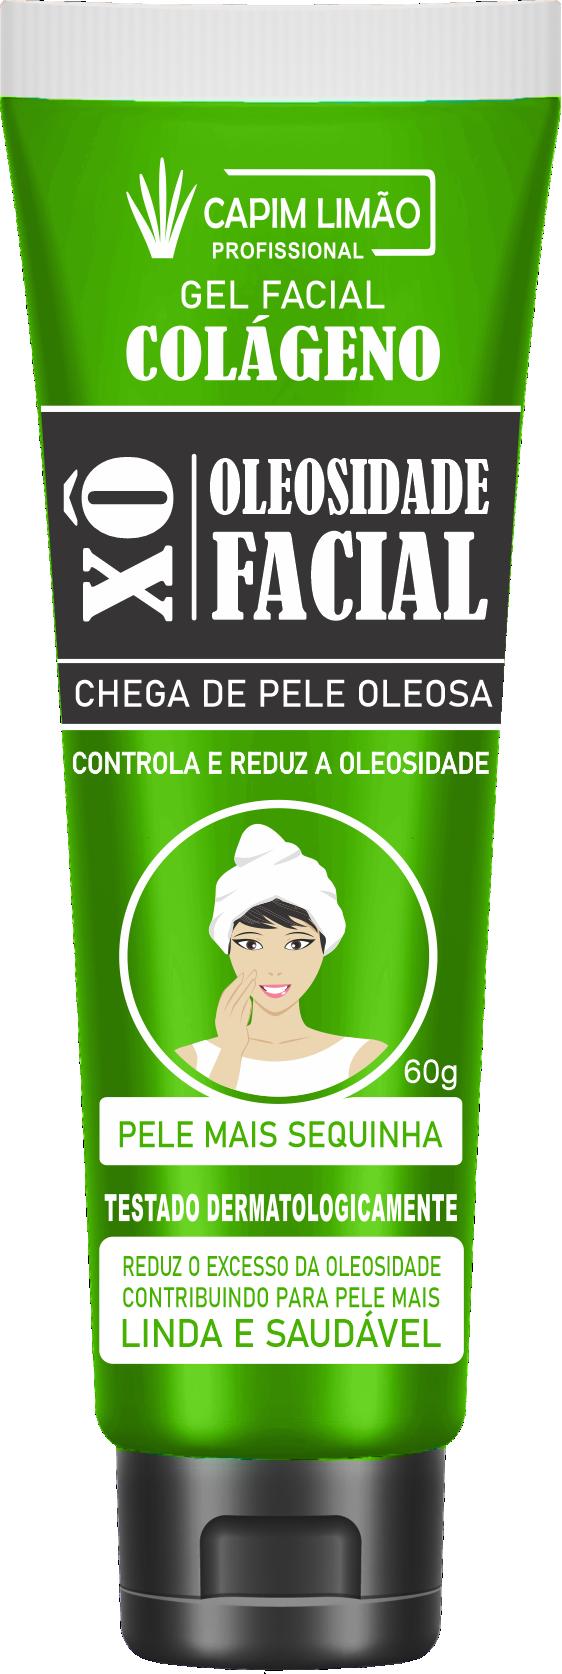 Gel Facial Xô Oleosidade 60g Capim Limão